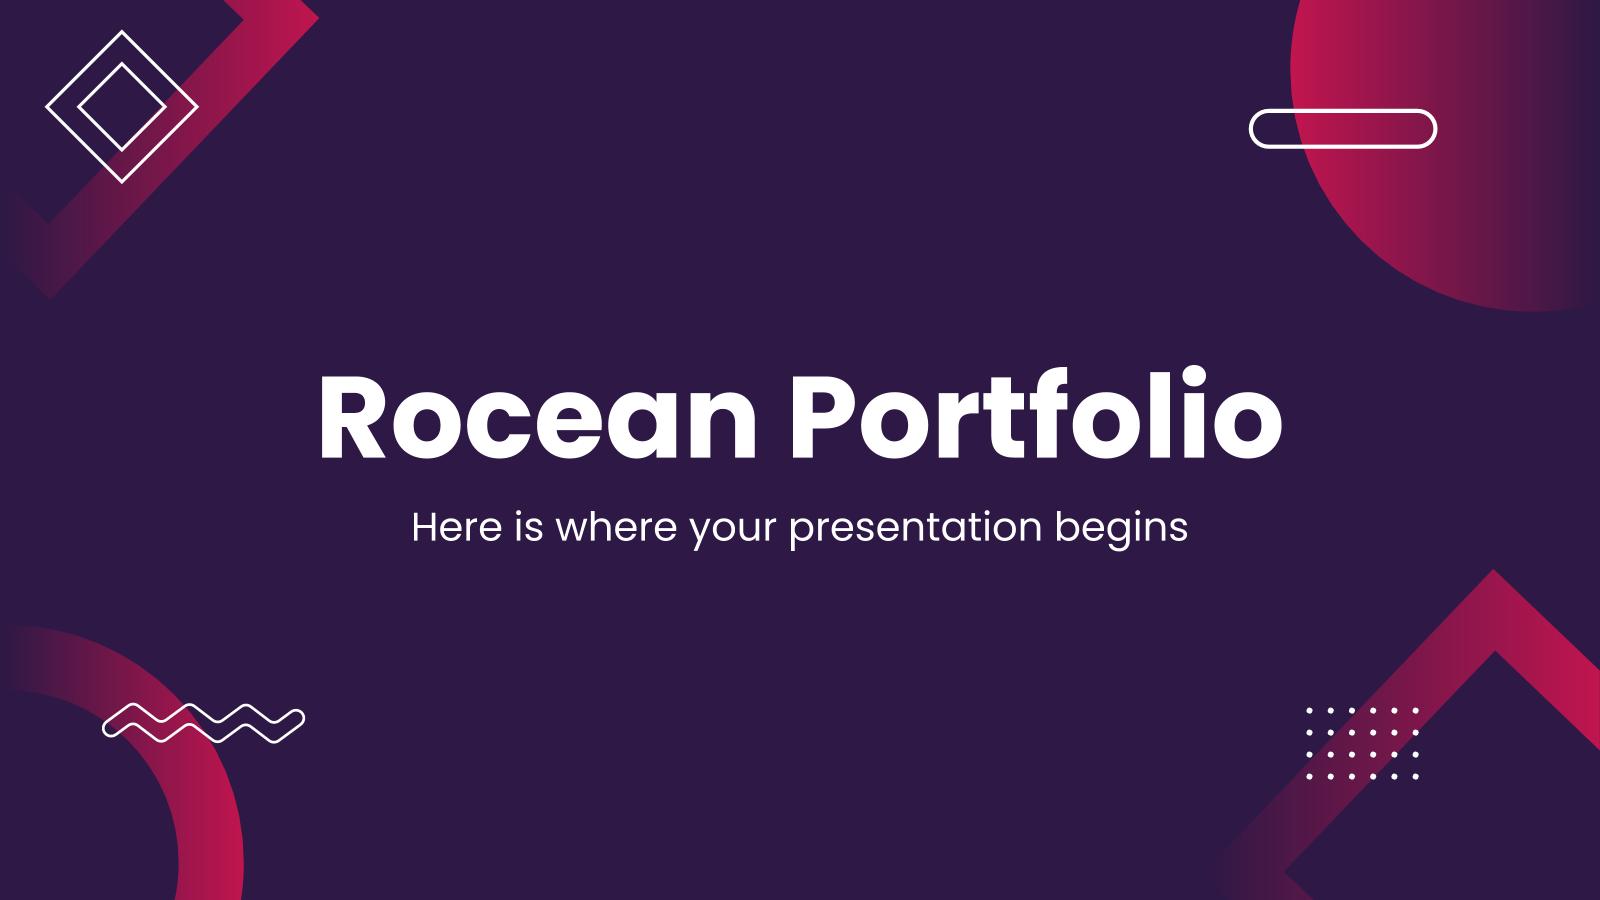 Plantilla de presentación Portafolio Rocean